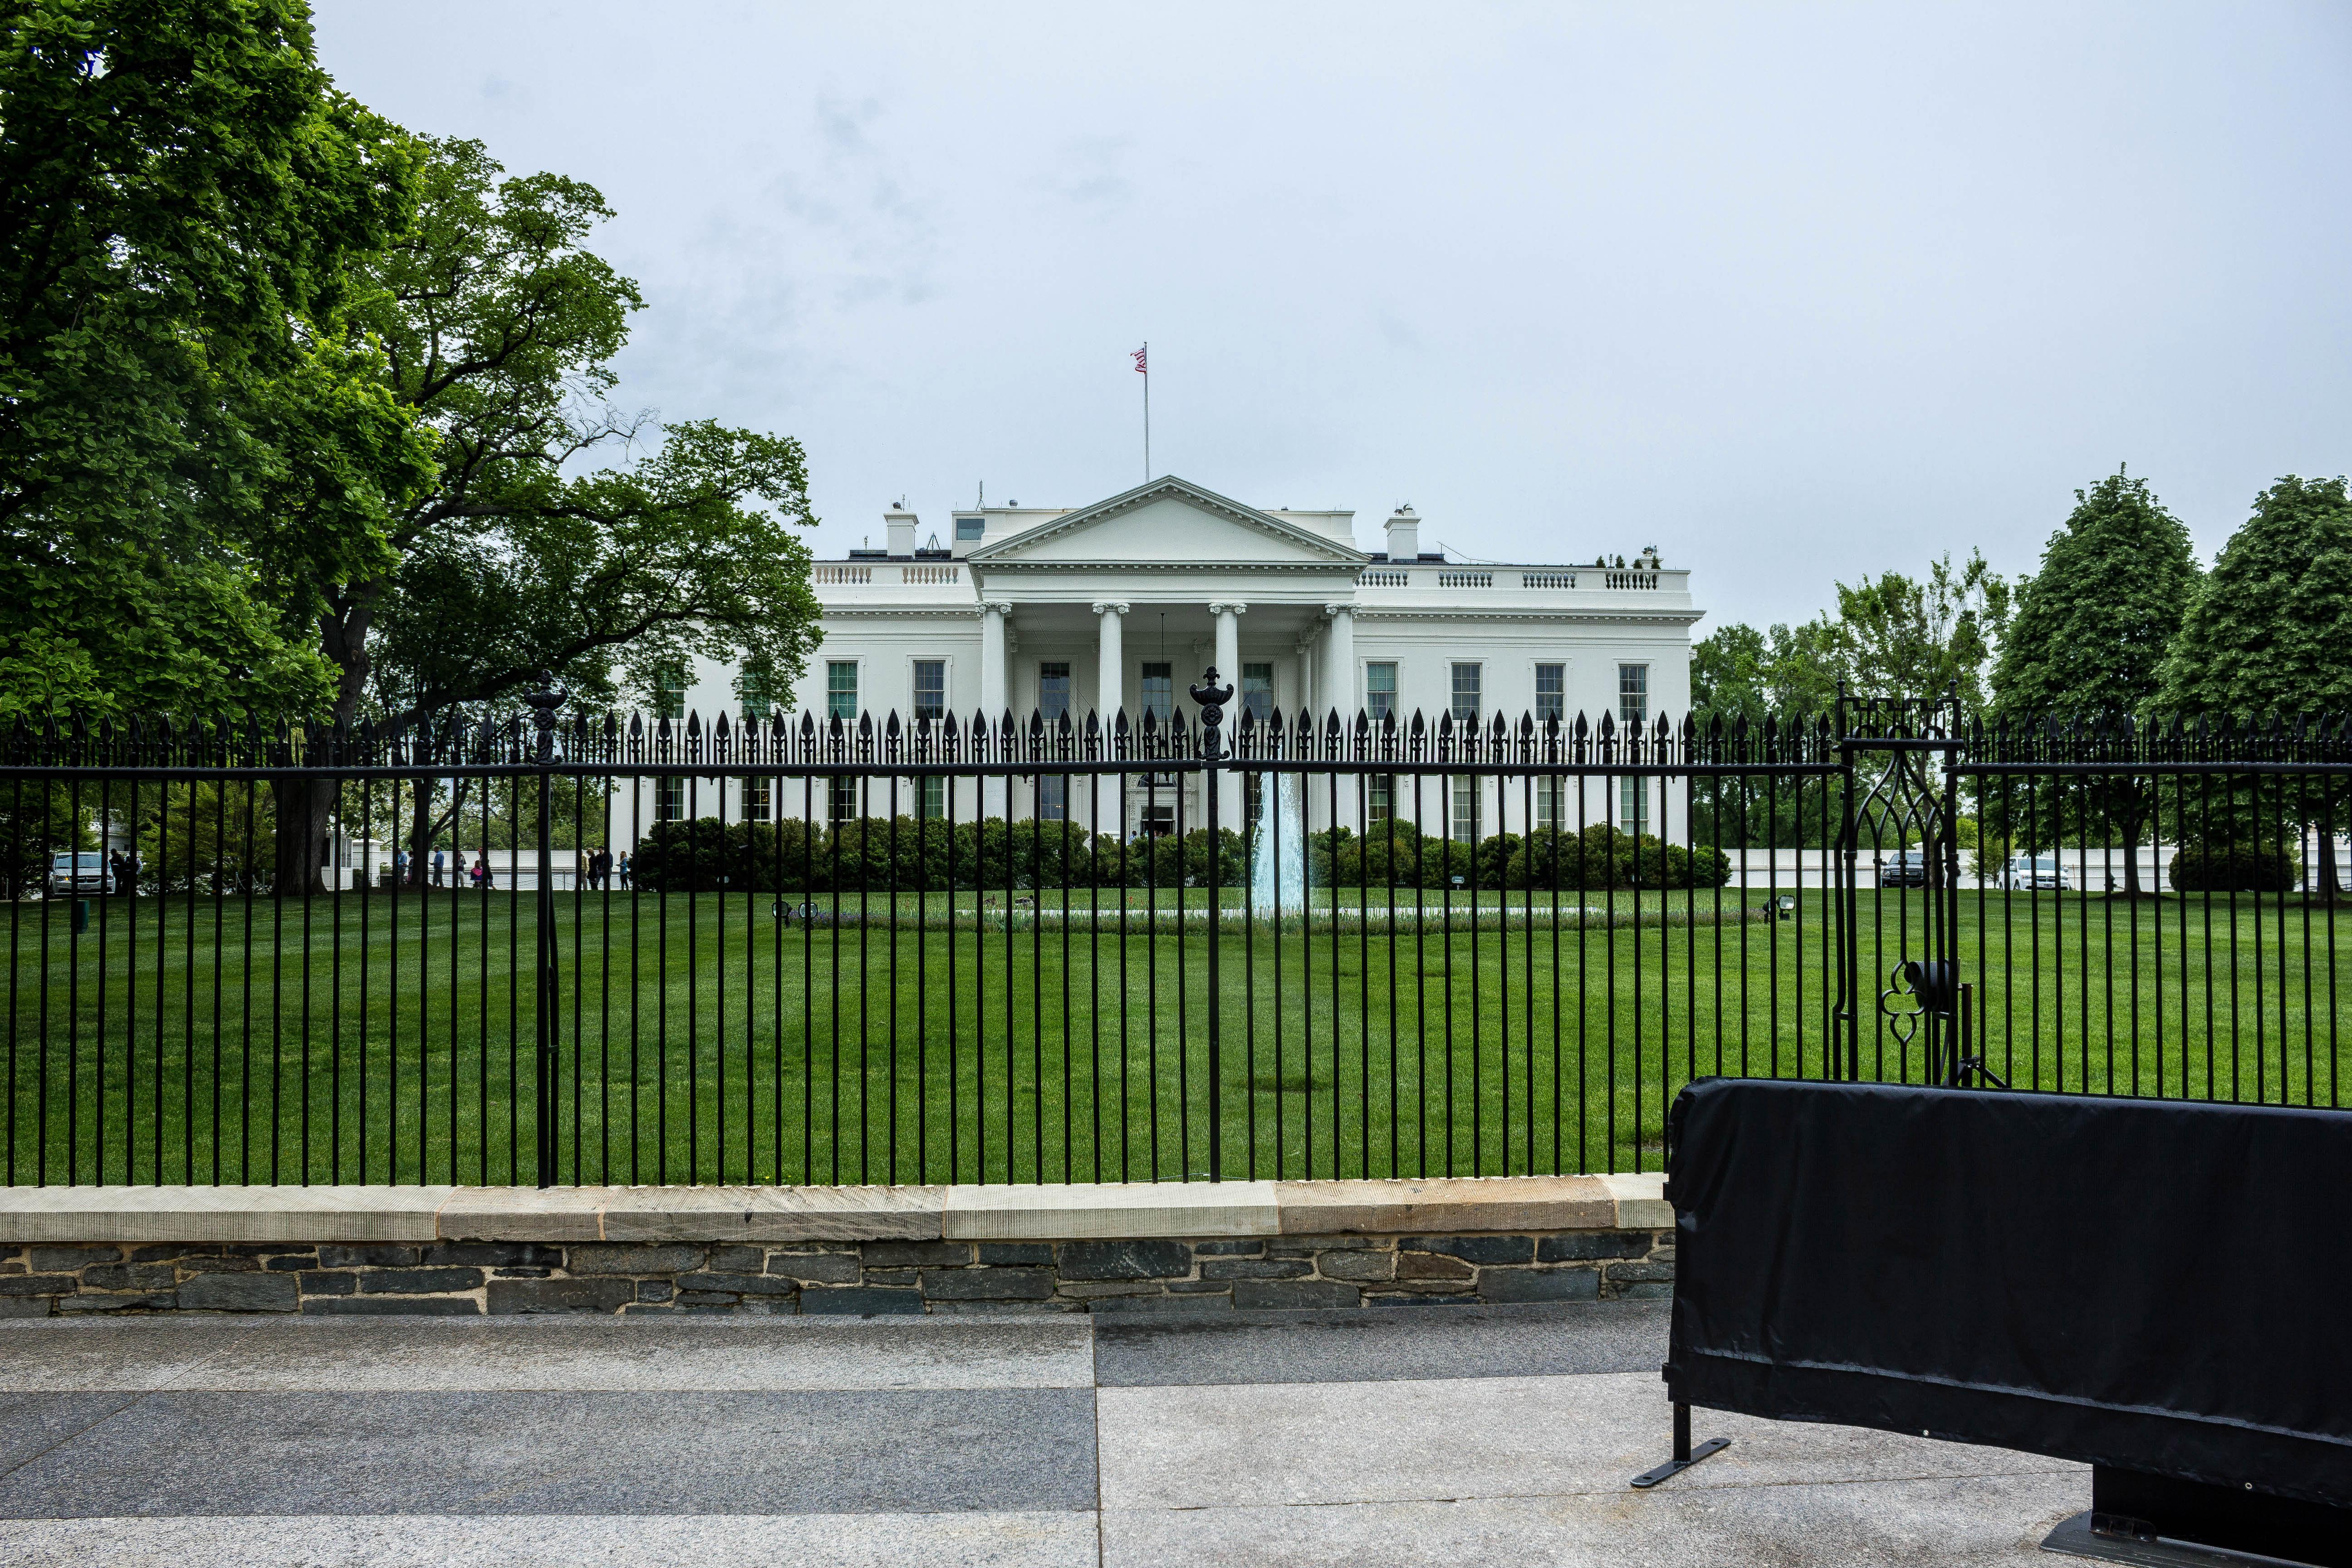 Free Stock of White house far view Public Domain photo